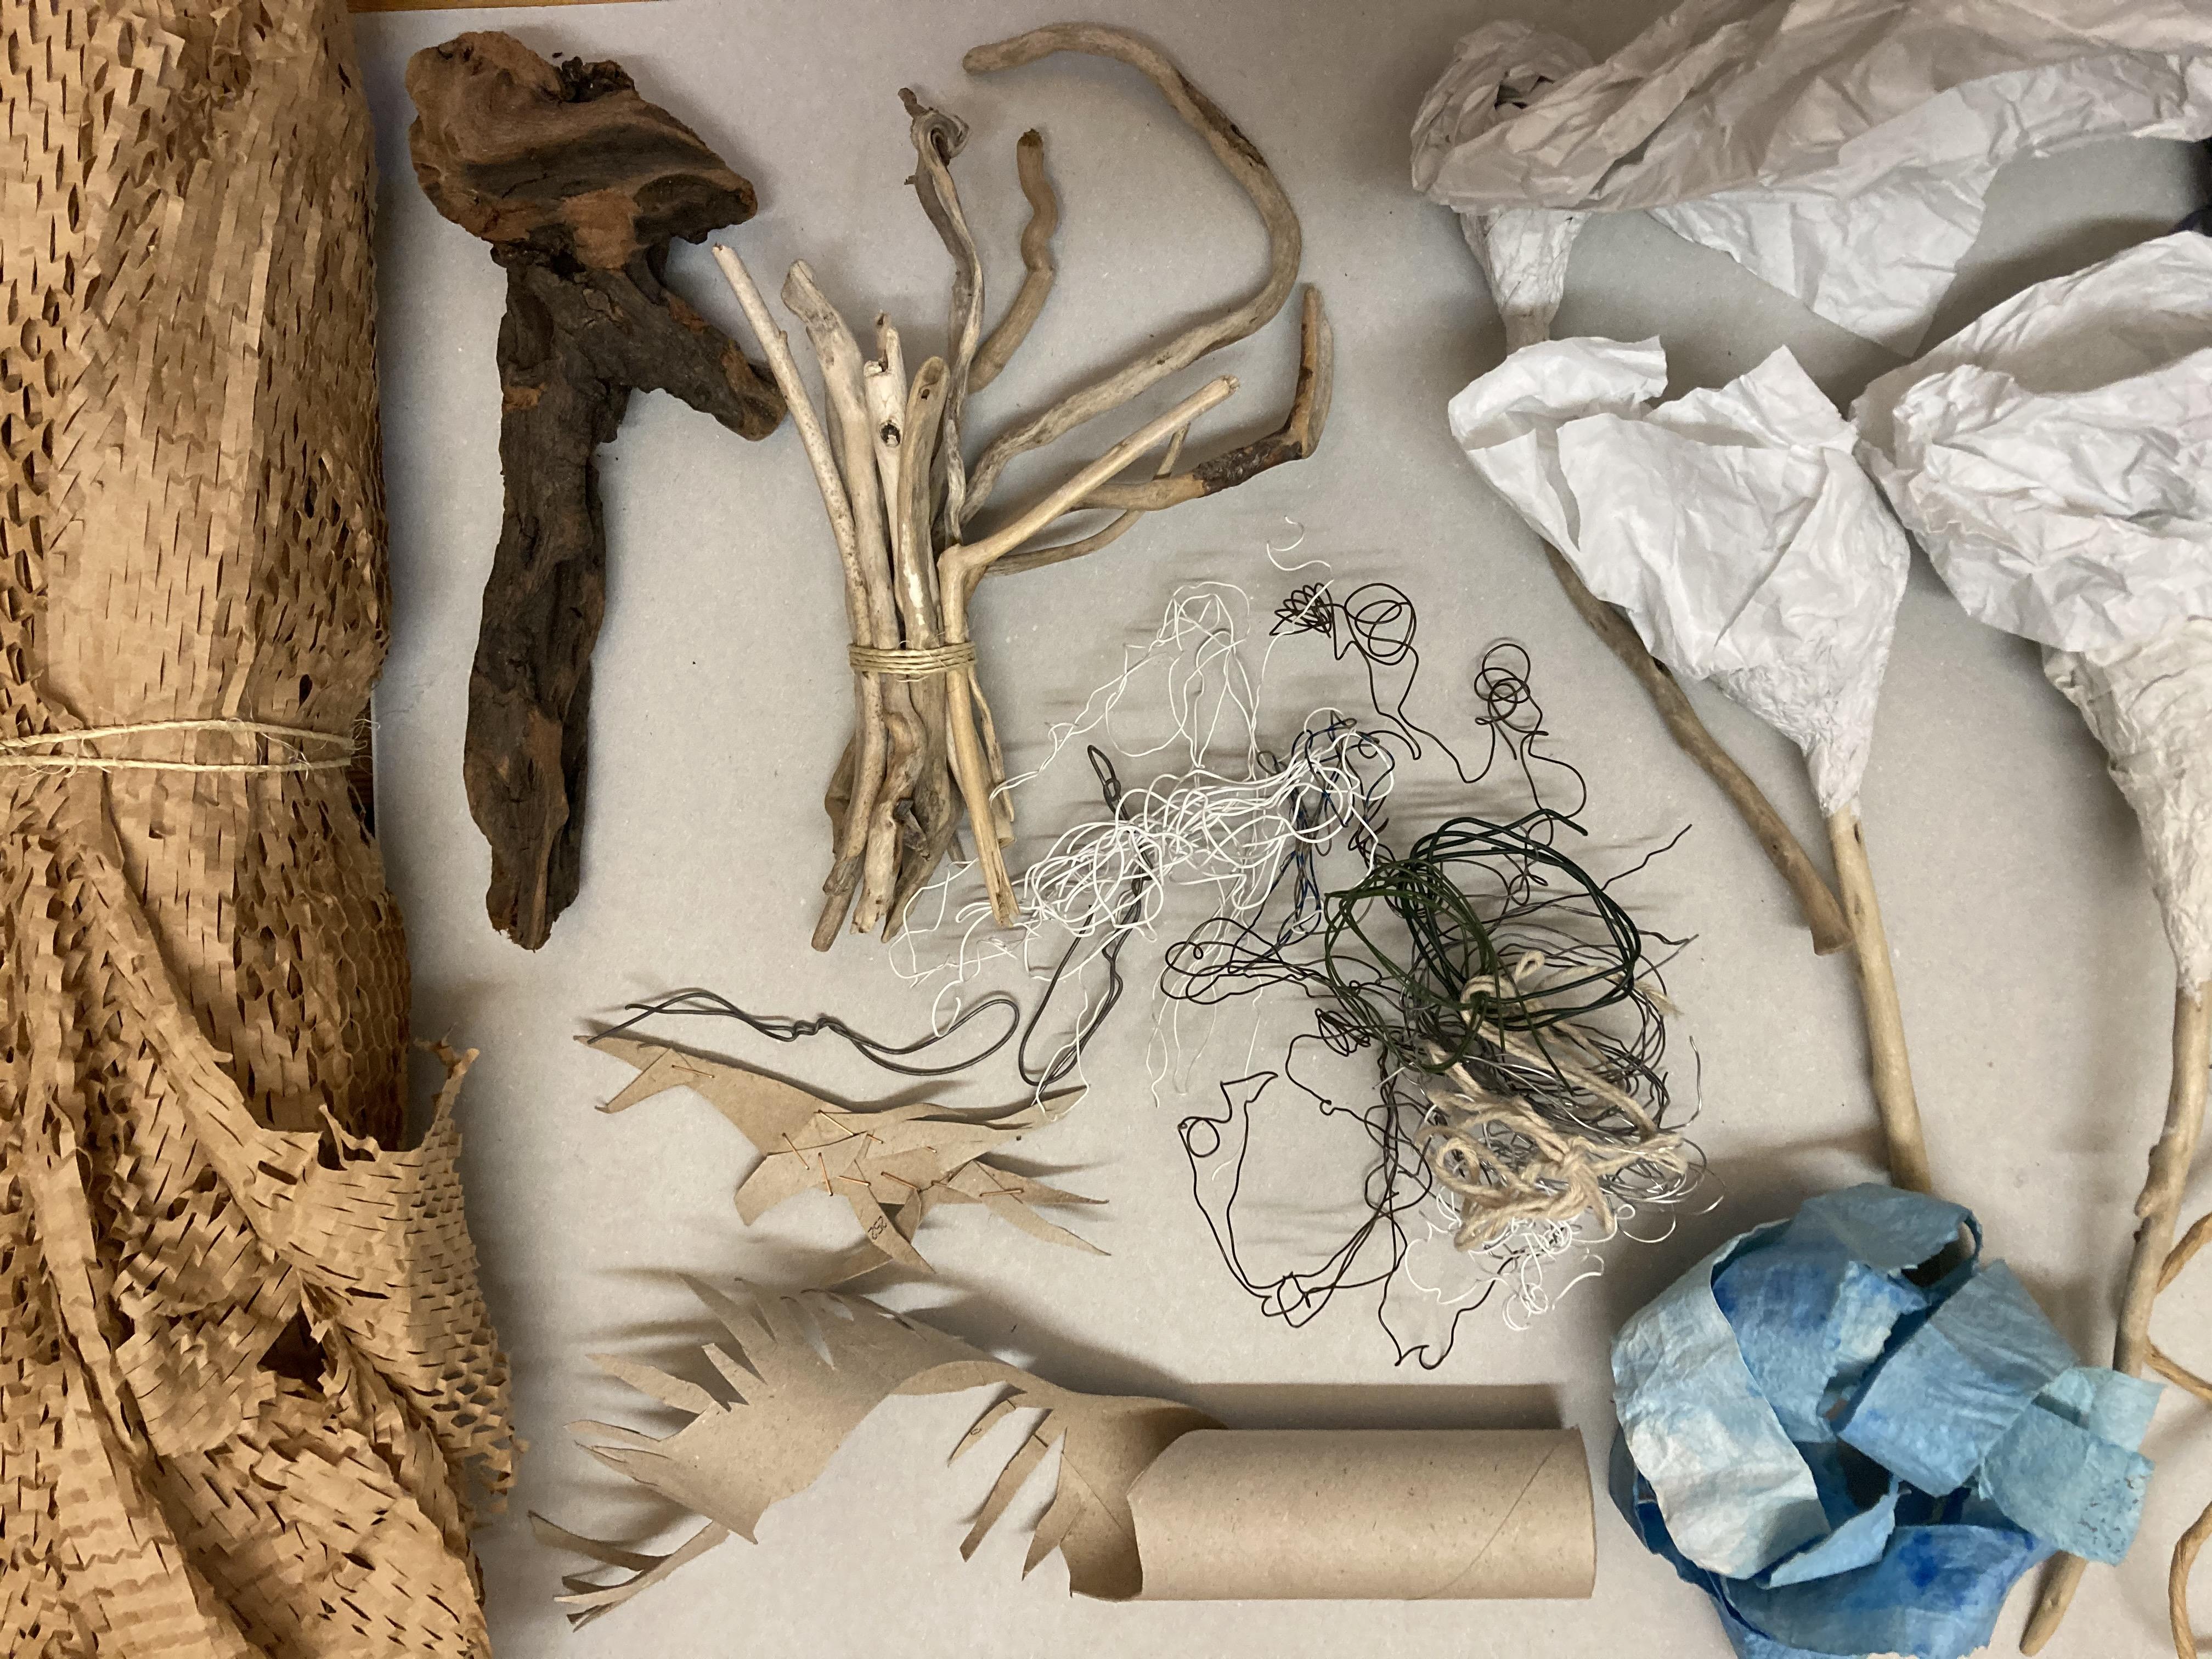 Verschiedene, nebeneinander angeordnete Materialien: eine zusammengerollte Stroh- oder Bastmatte, Stöckchen, Schnüre, eine Papprolle, geknülltes Papier, Stoff.